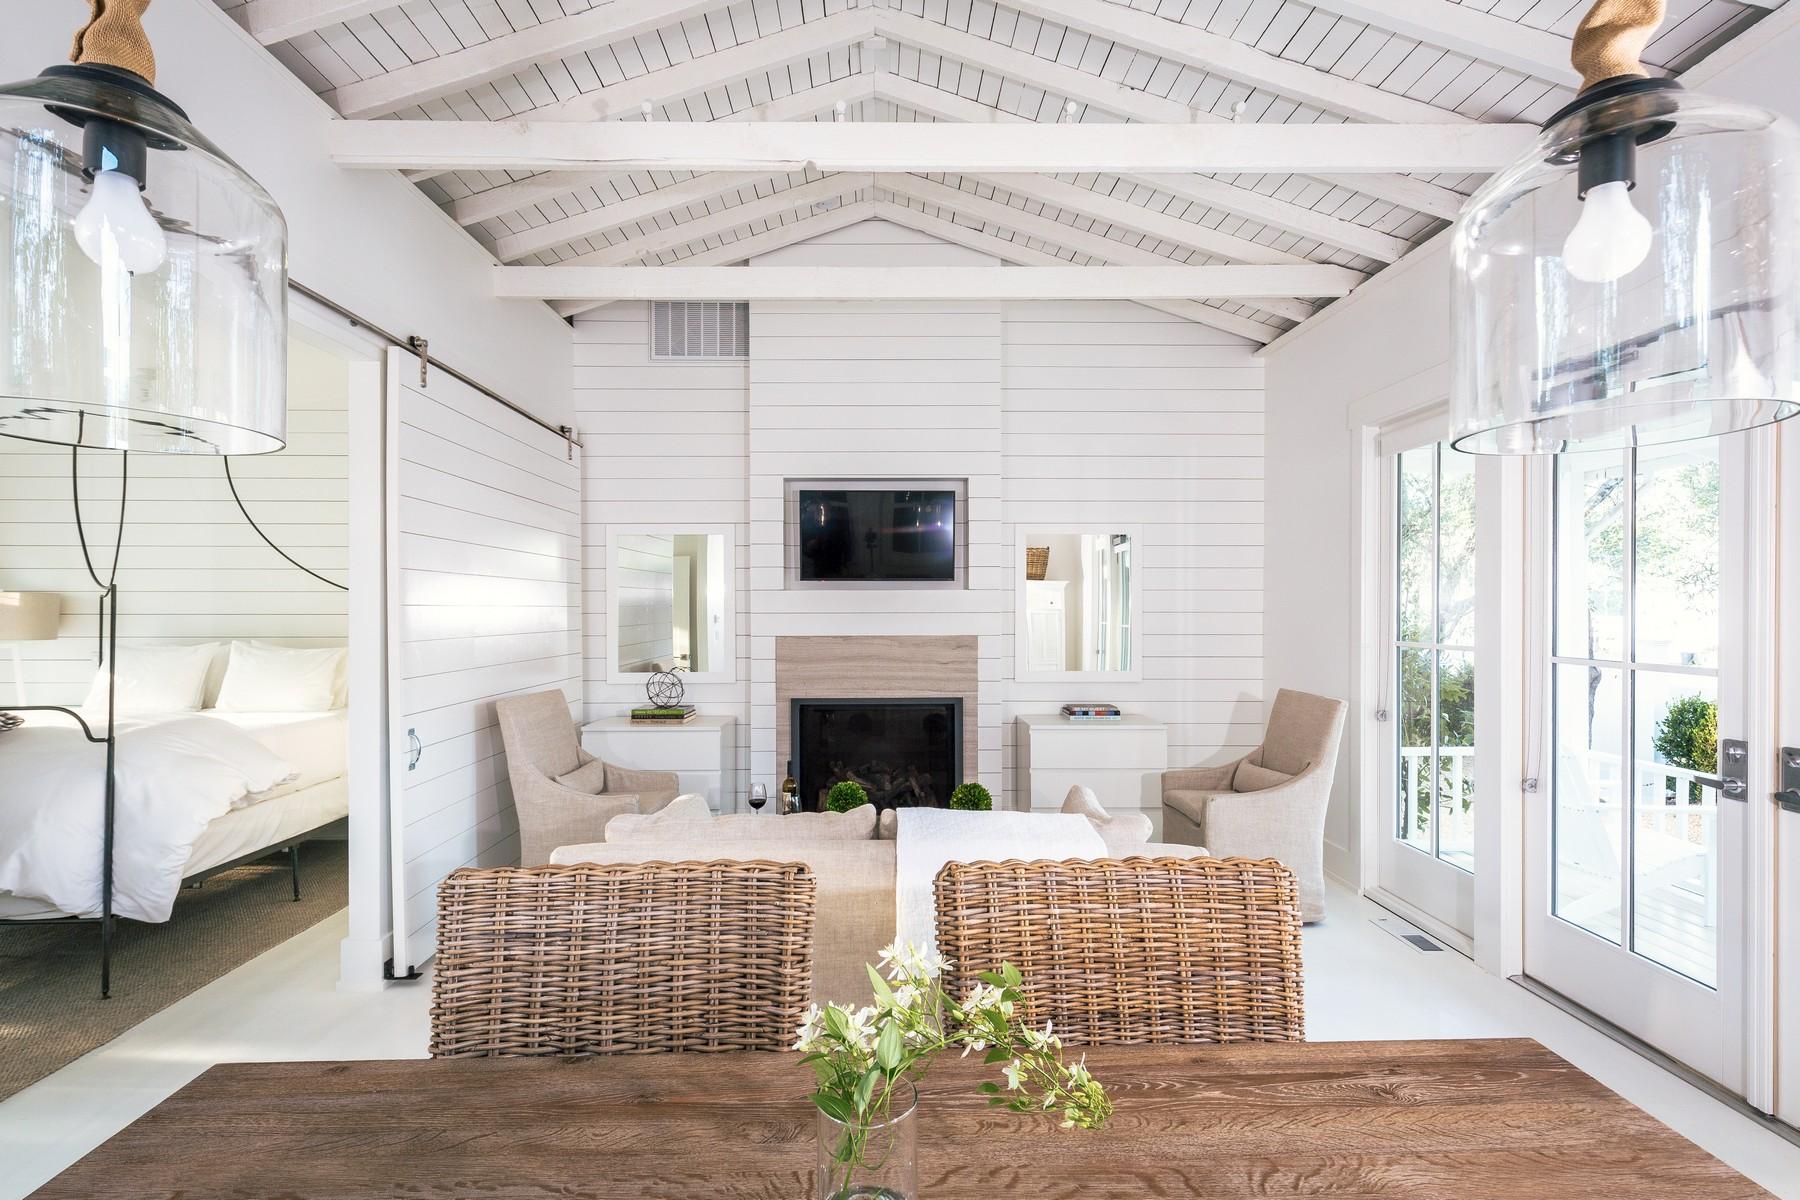 其它住宅 为 销售 在 Healdsburg Cottages 425-427 Foss Street 希尔兹堡, 加利福尼亚州 95448 美国